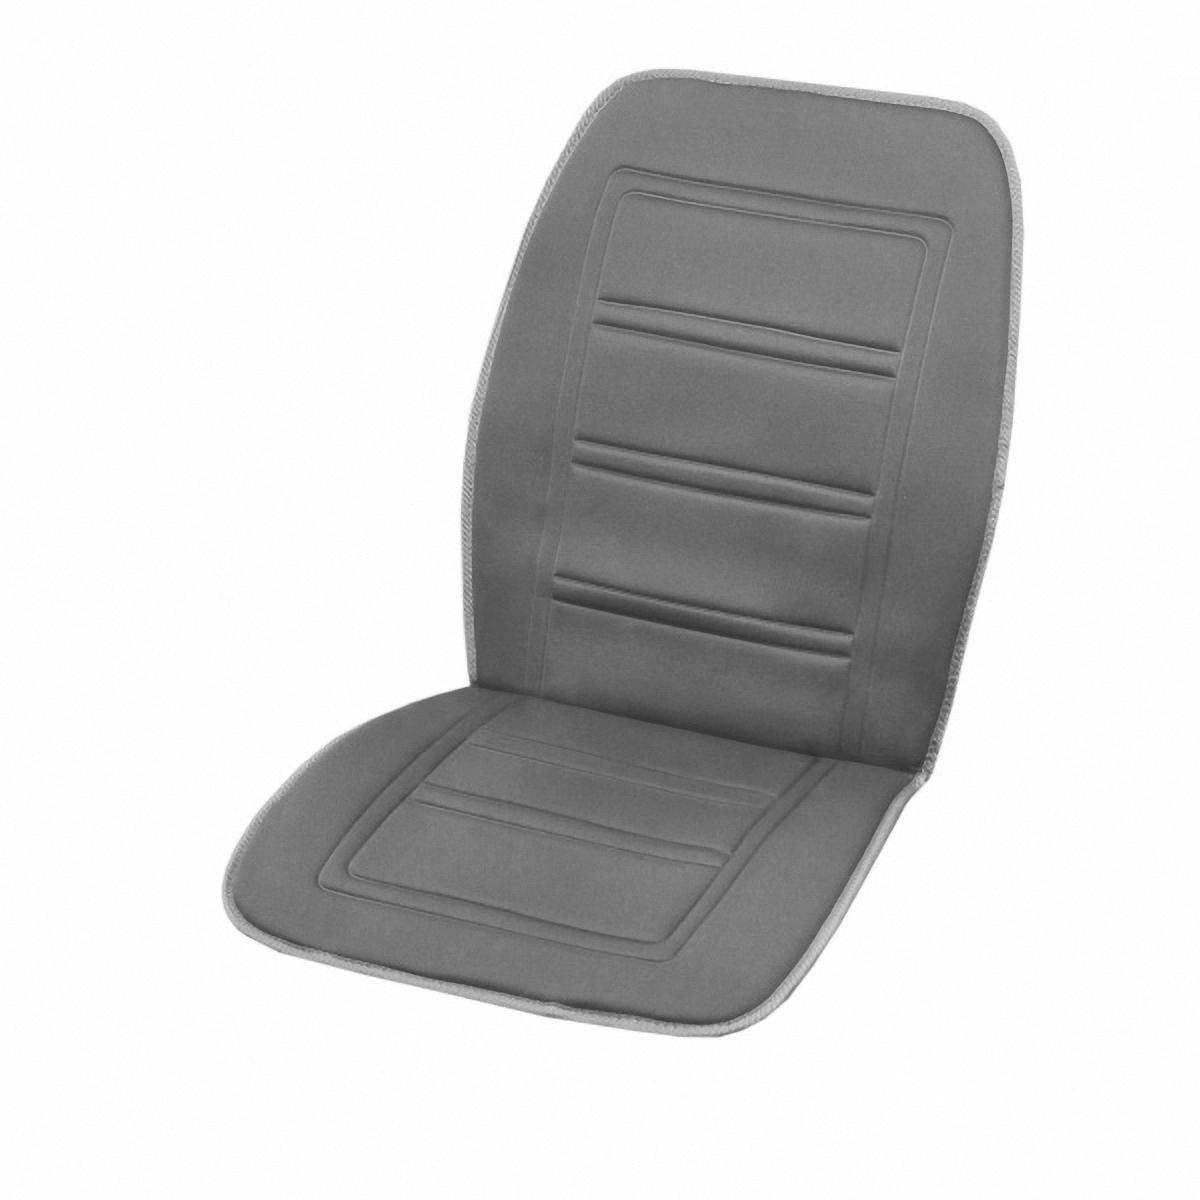 Чехол автомобильный Skyway, с подогревом, цвет: серый, 95 х 47 смSC-FD421005Чехол на сиденье Skyway предназначен для обогрева водителя или пассажира в автомобиле. Особенности:Универсальный размер.Снижает усталость при управлении автомобилем.Обеспечивает комфортное вождение в холодное время года. Простая и быстрая установка.Умеренный и интенсивный режим нагрева.Терморегулятор для изменения интенсивности нагрева.Защита крепления шнура питания к подогреву.Питание от гнезда прикуривателя 12В.Размер: 95 х 47 см.